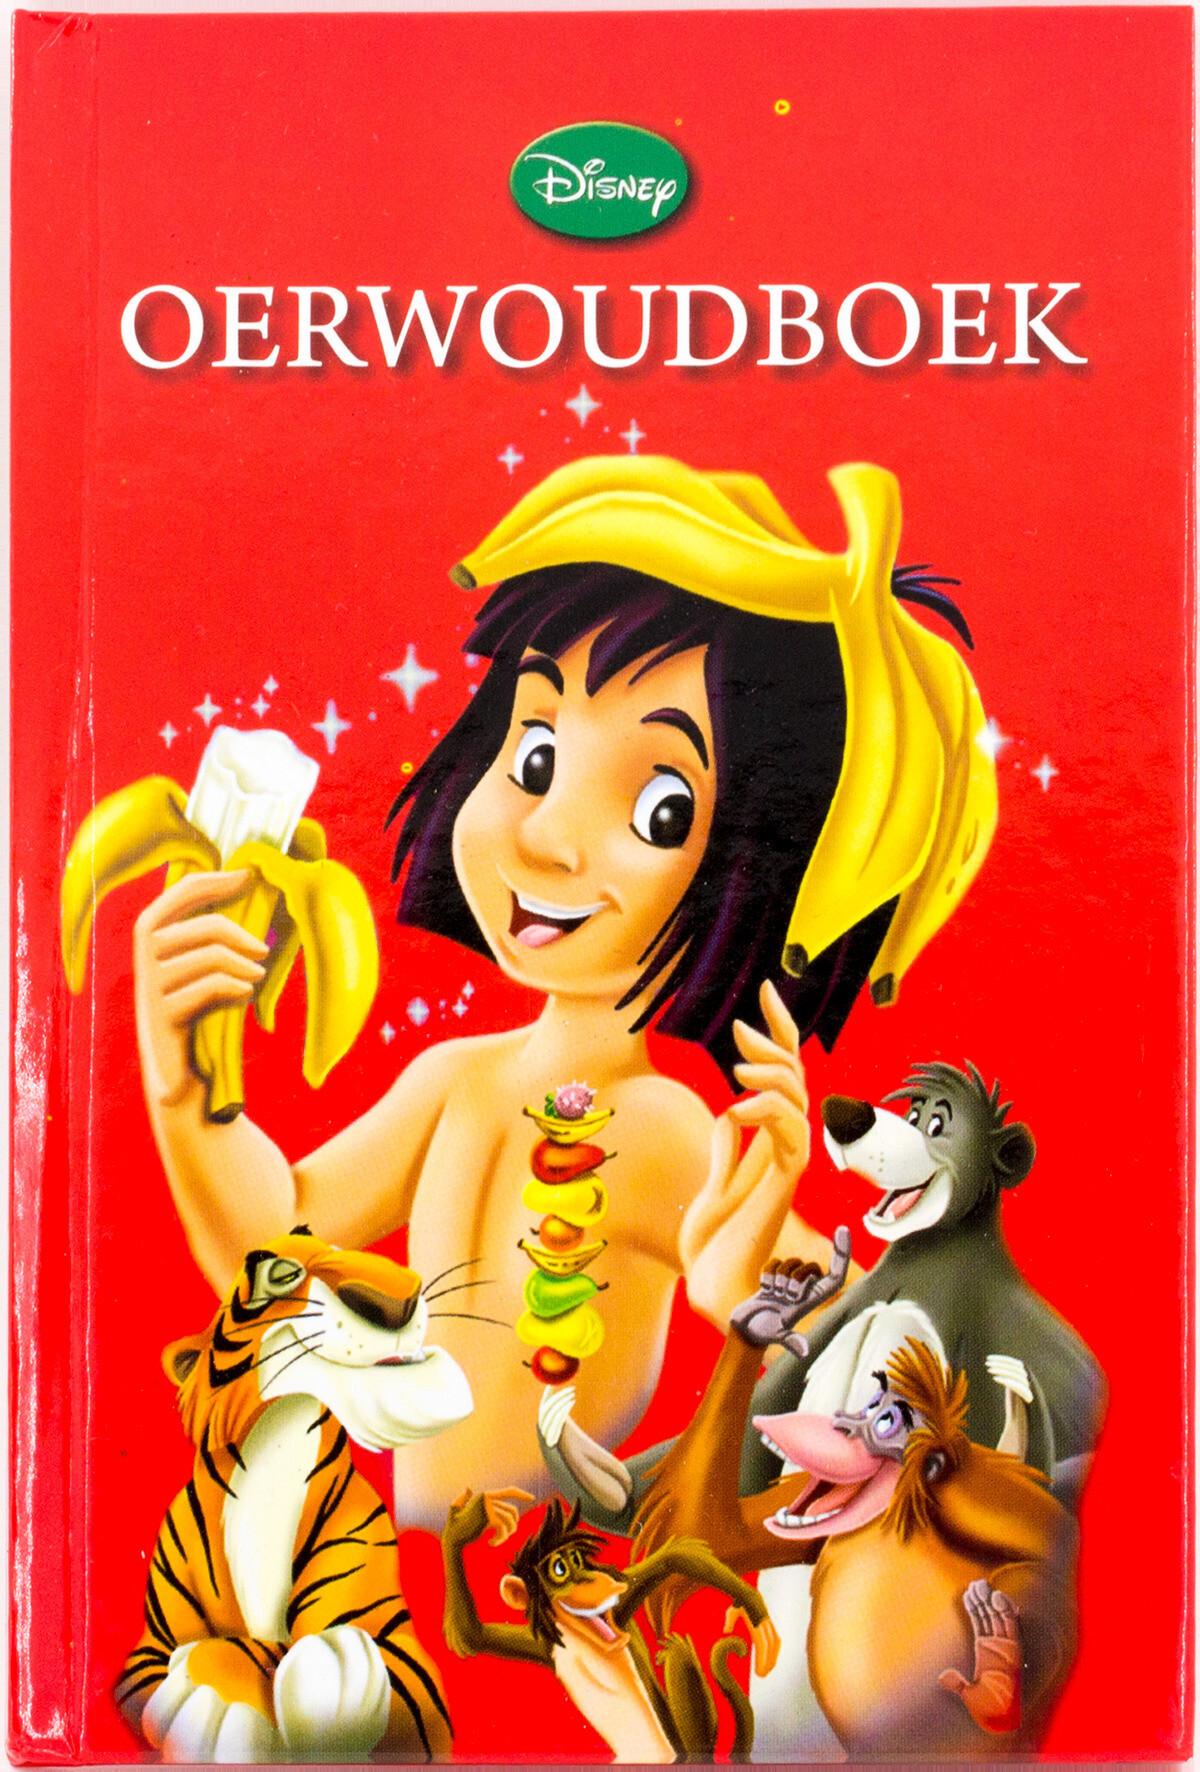 Disney Die Oerwoudboek - Klassieke MHB